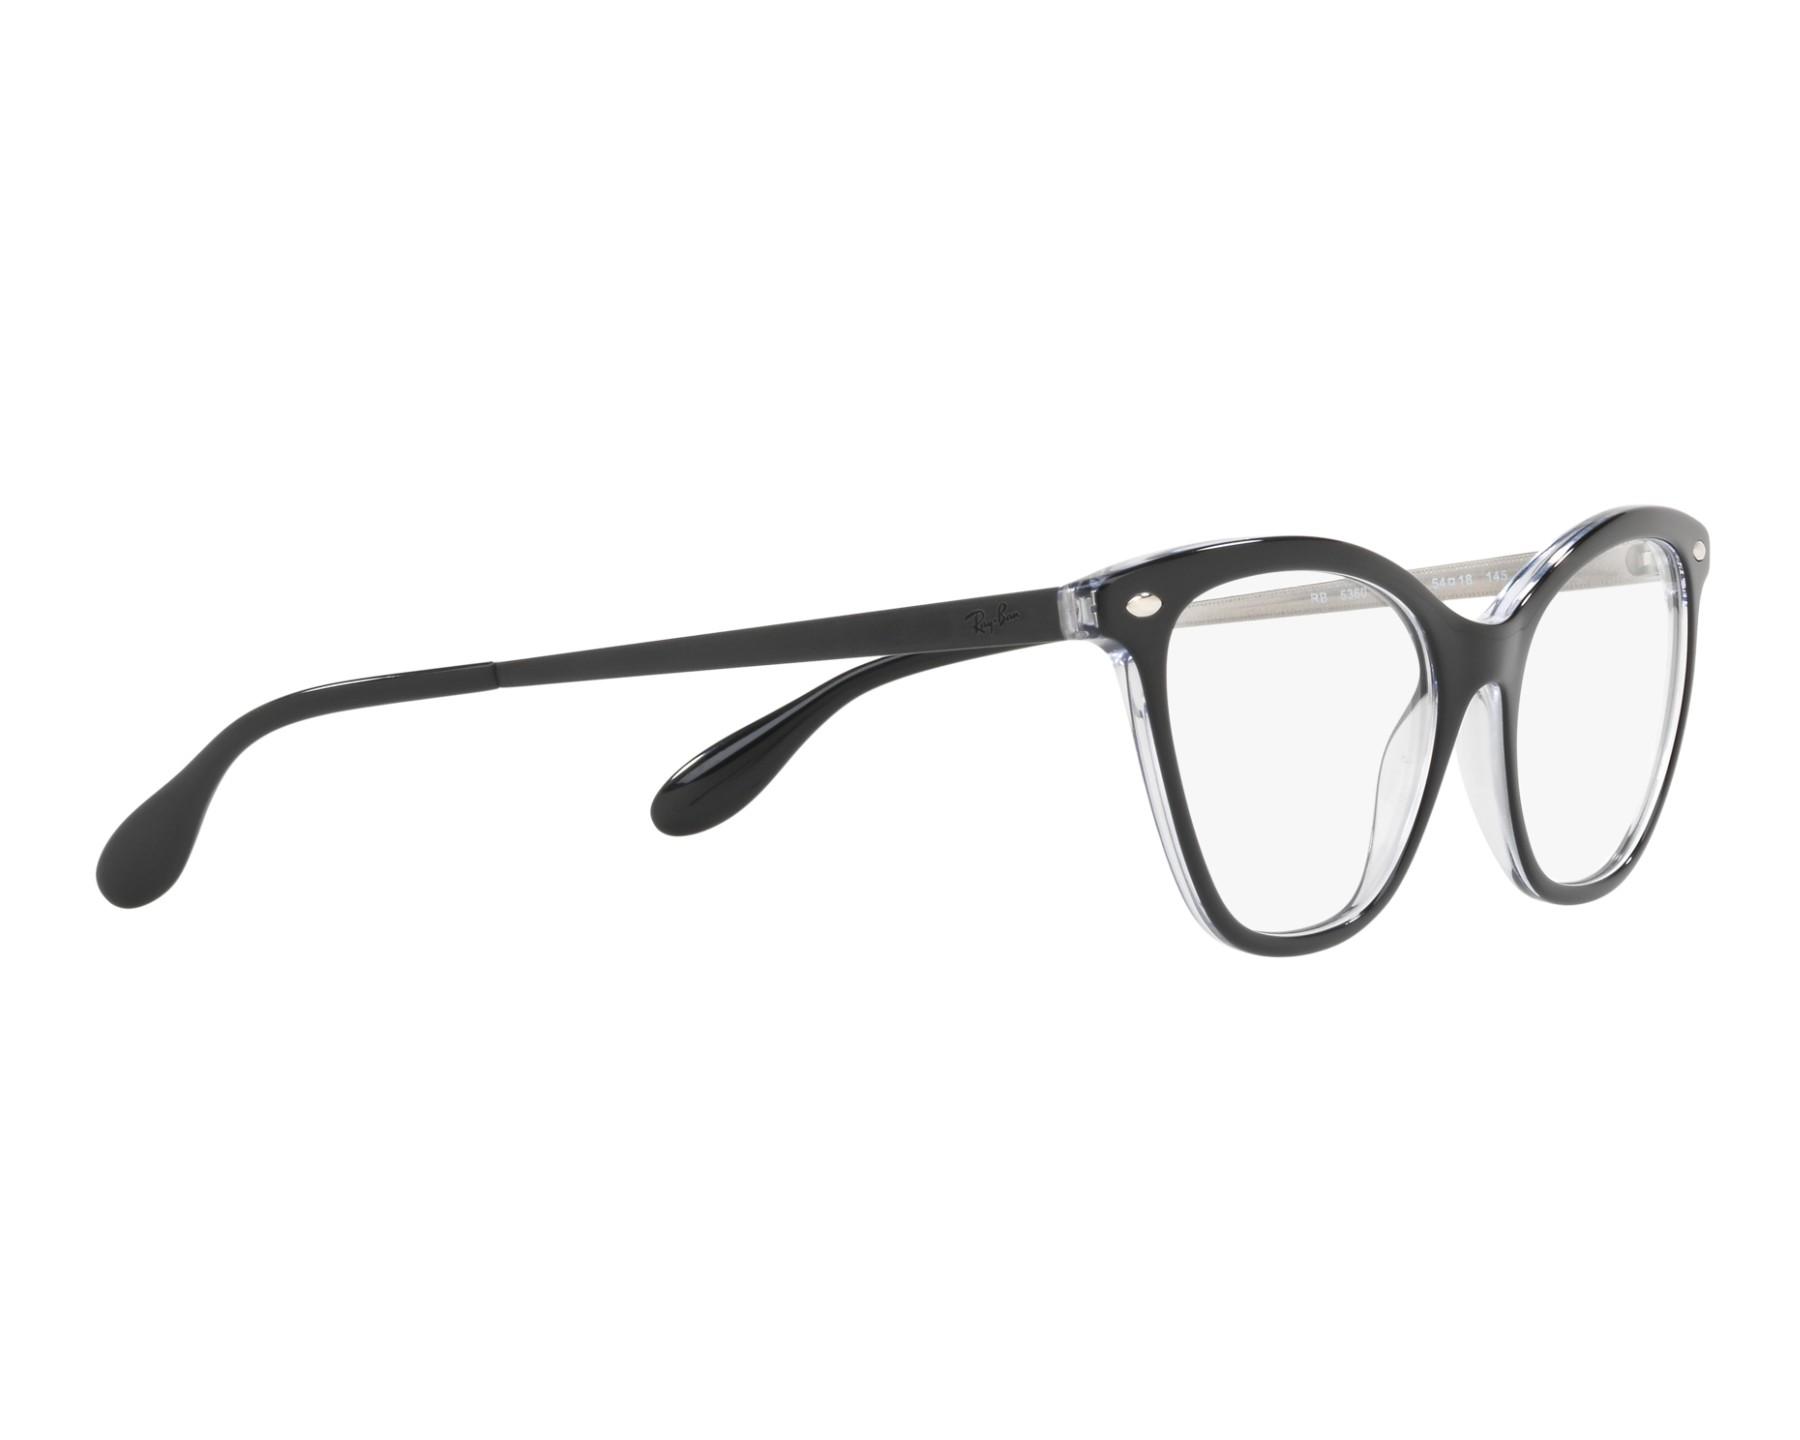 133e0c15ceb eyeglasses Ray-Ban RX-5360 2034 - Black 360 degree view 11